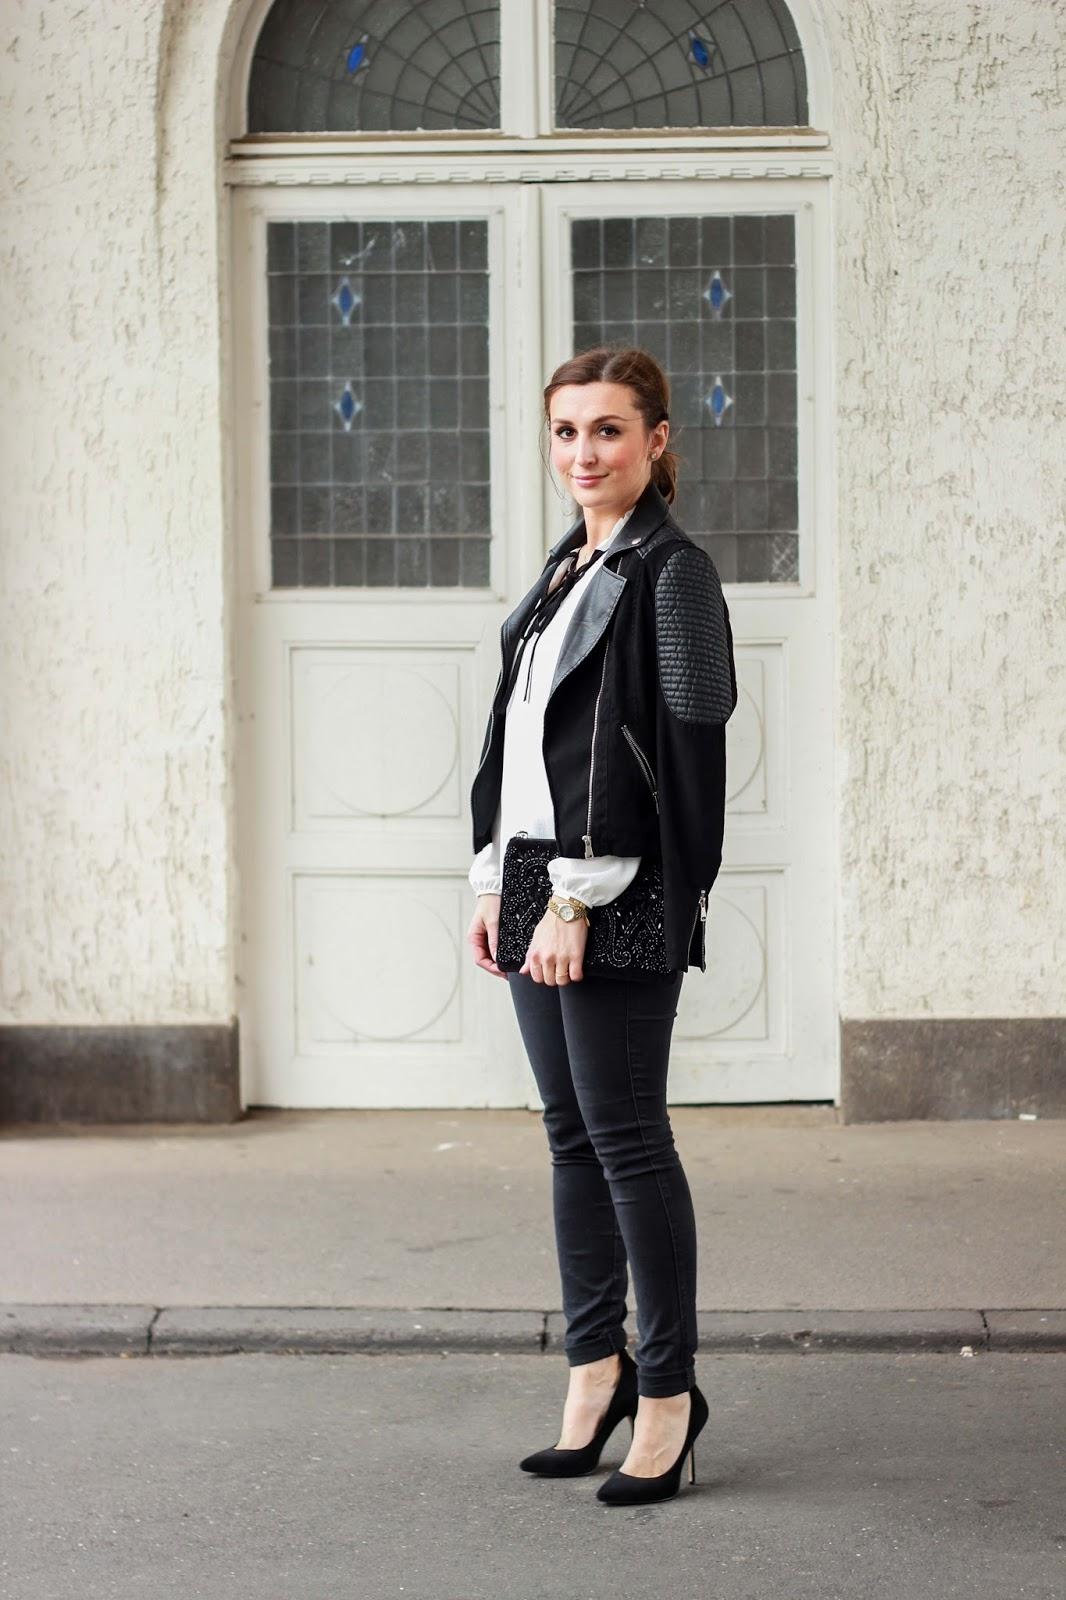 German Fashionblogger - Graues Oberteil - Graues T-shirt - Weiße Bluse - weiße Schluppenbluse - schwarze Lederjacke - My Colloseum